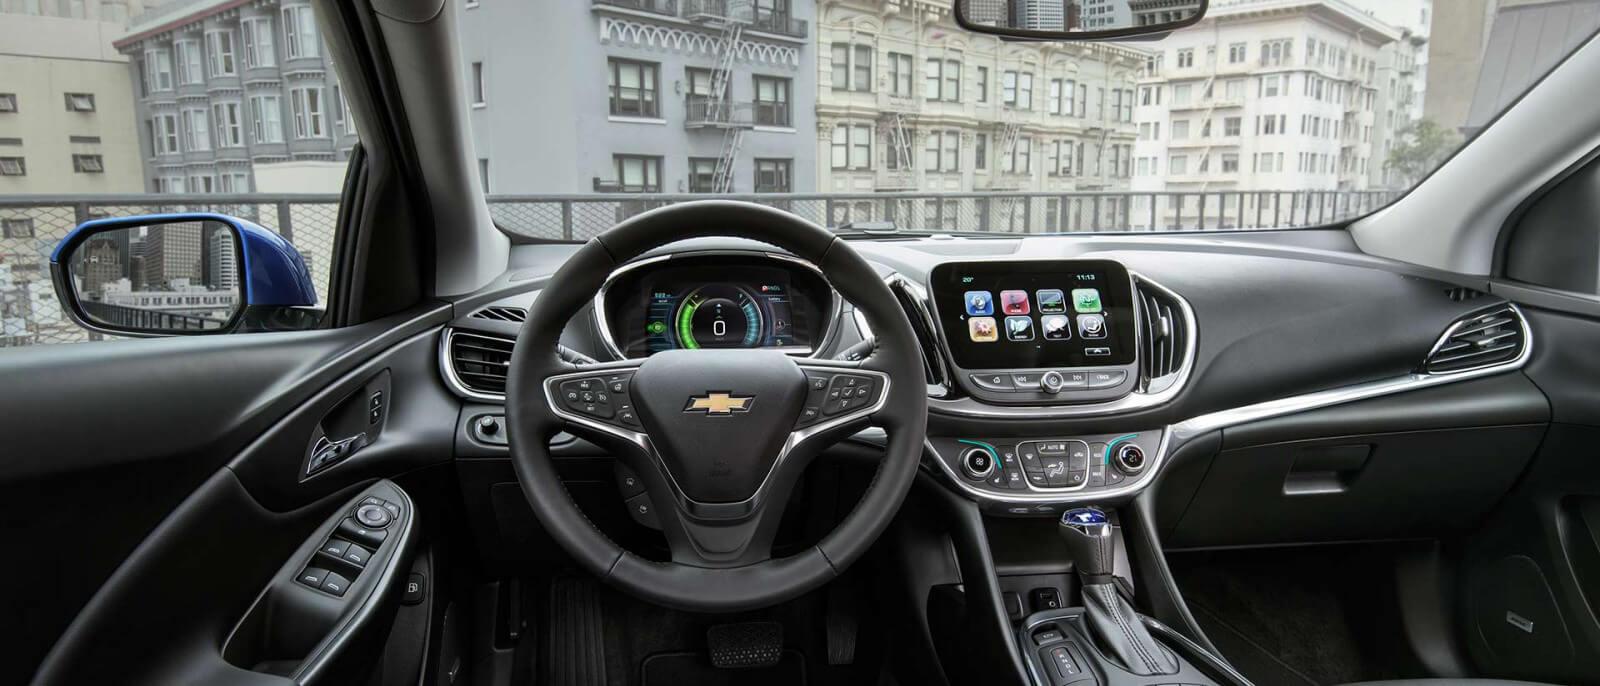 2017 Chevrolet Volt Interior Dashboard